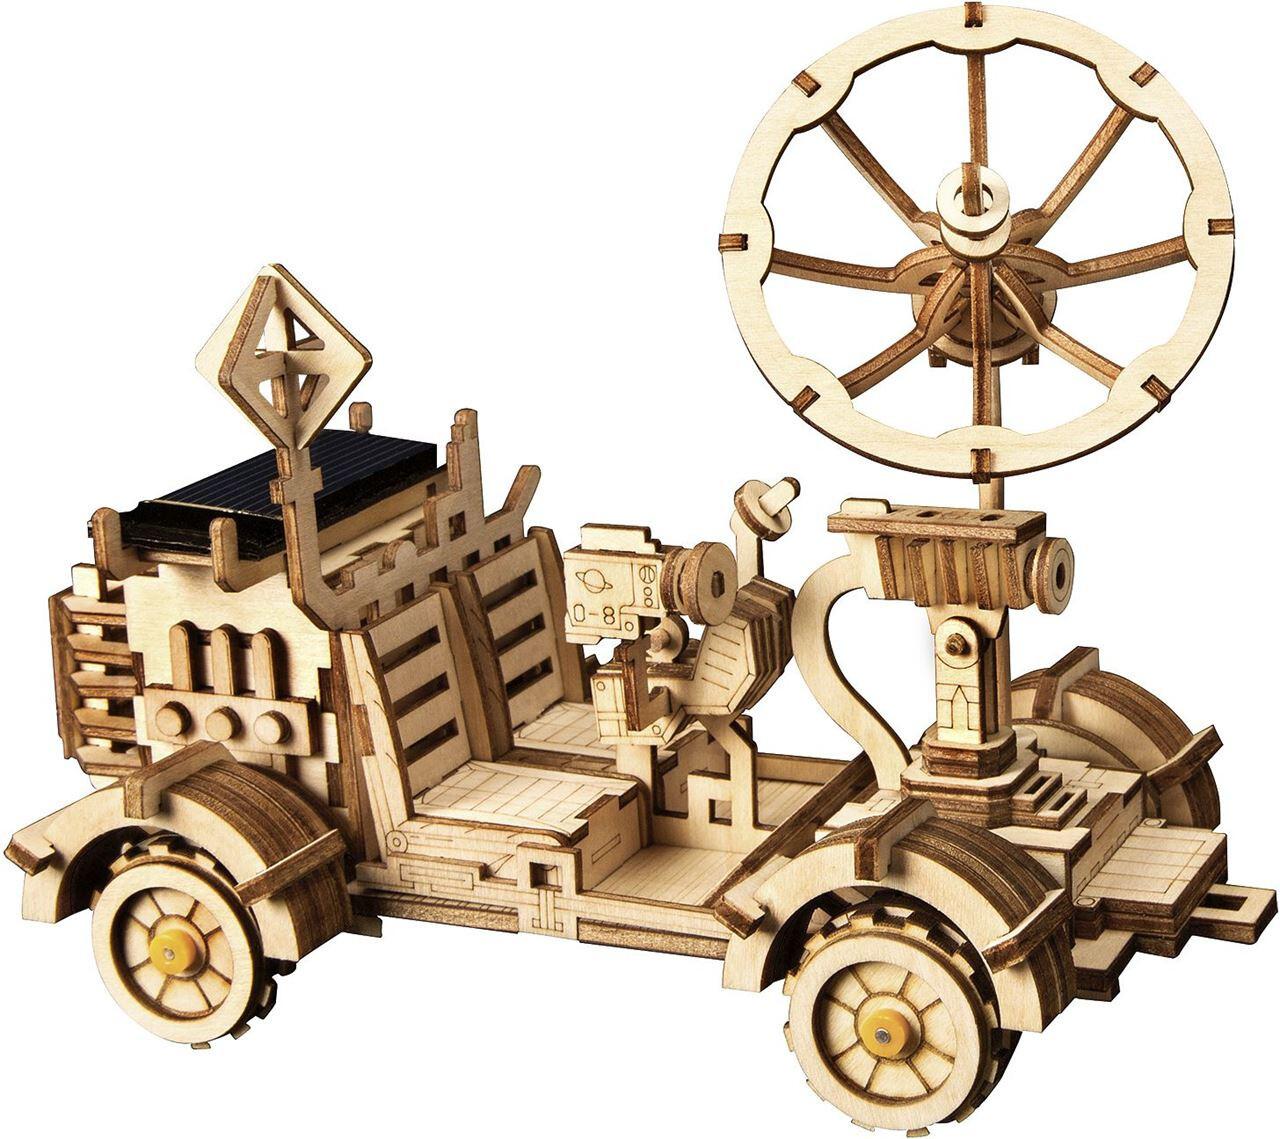 Robotime Modellbausatz Mondbuggy mit Solarzelle 18 cm Holz